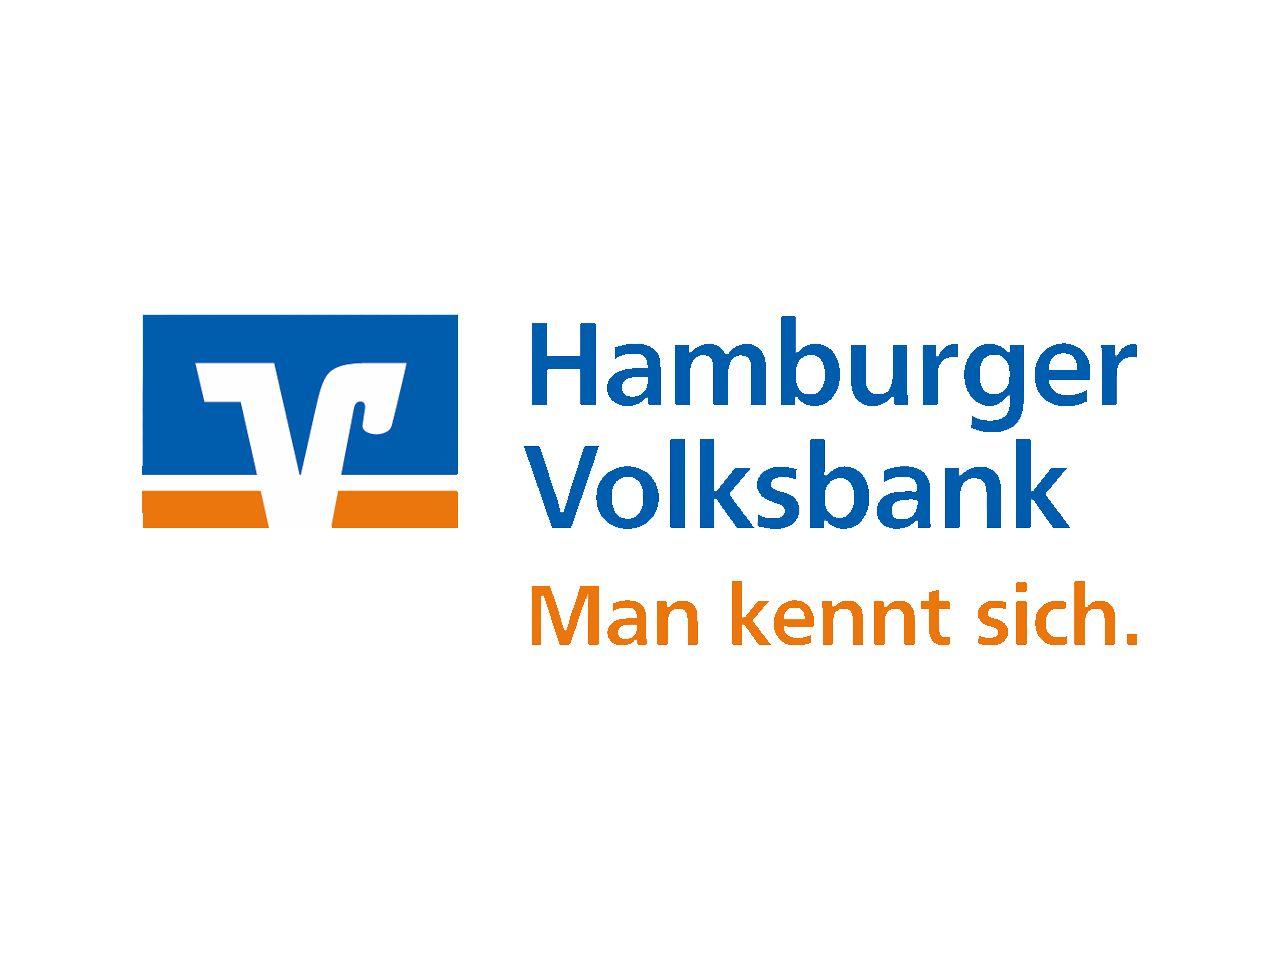 Hamburger volksbank geldautomaten